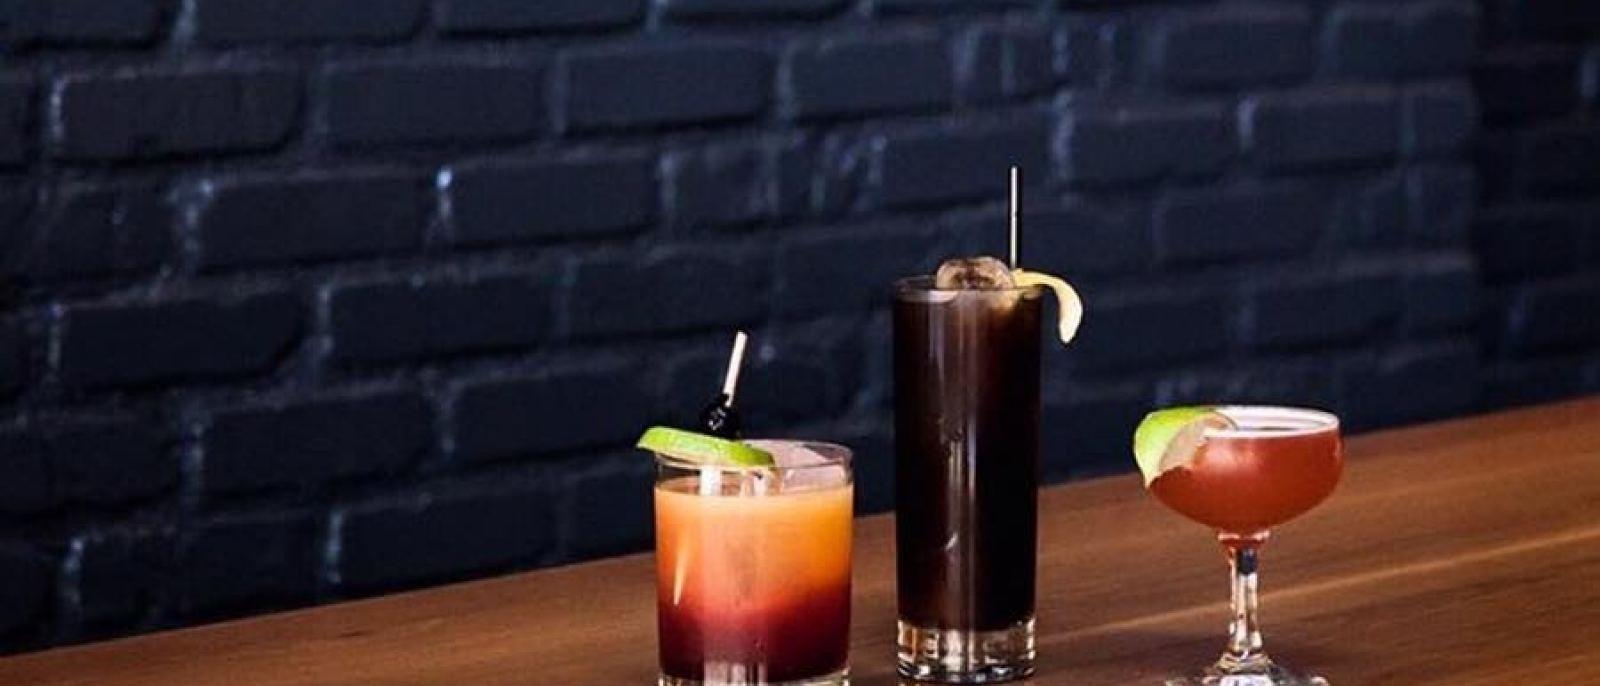 Brack Shop Tavern cocktails